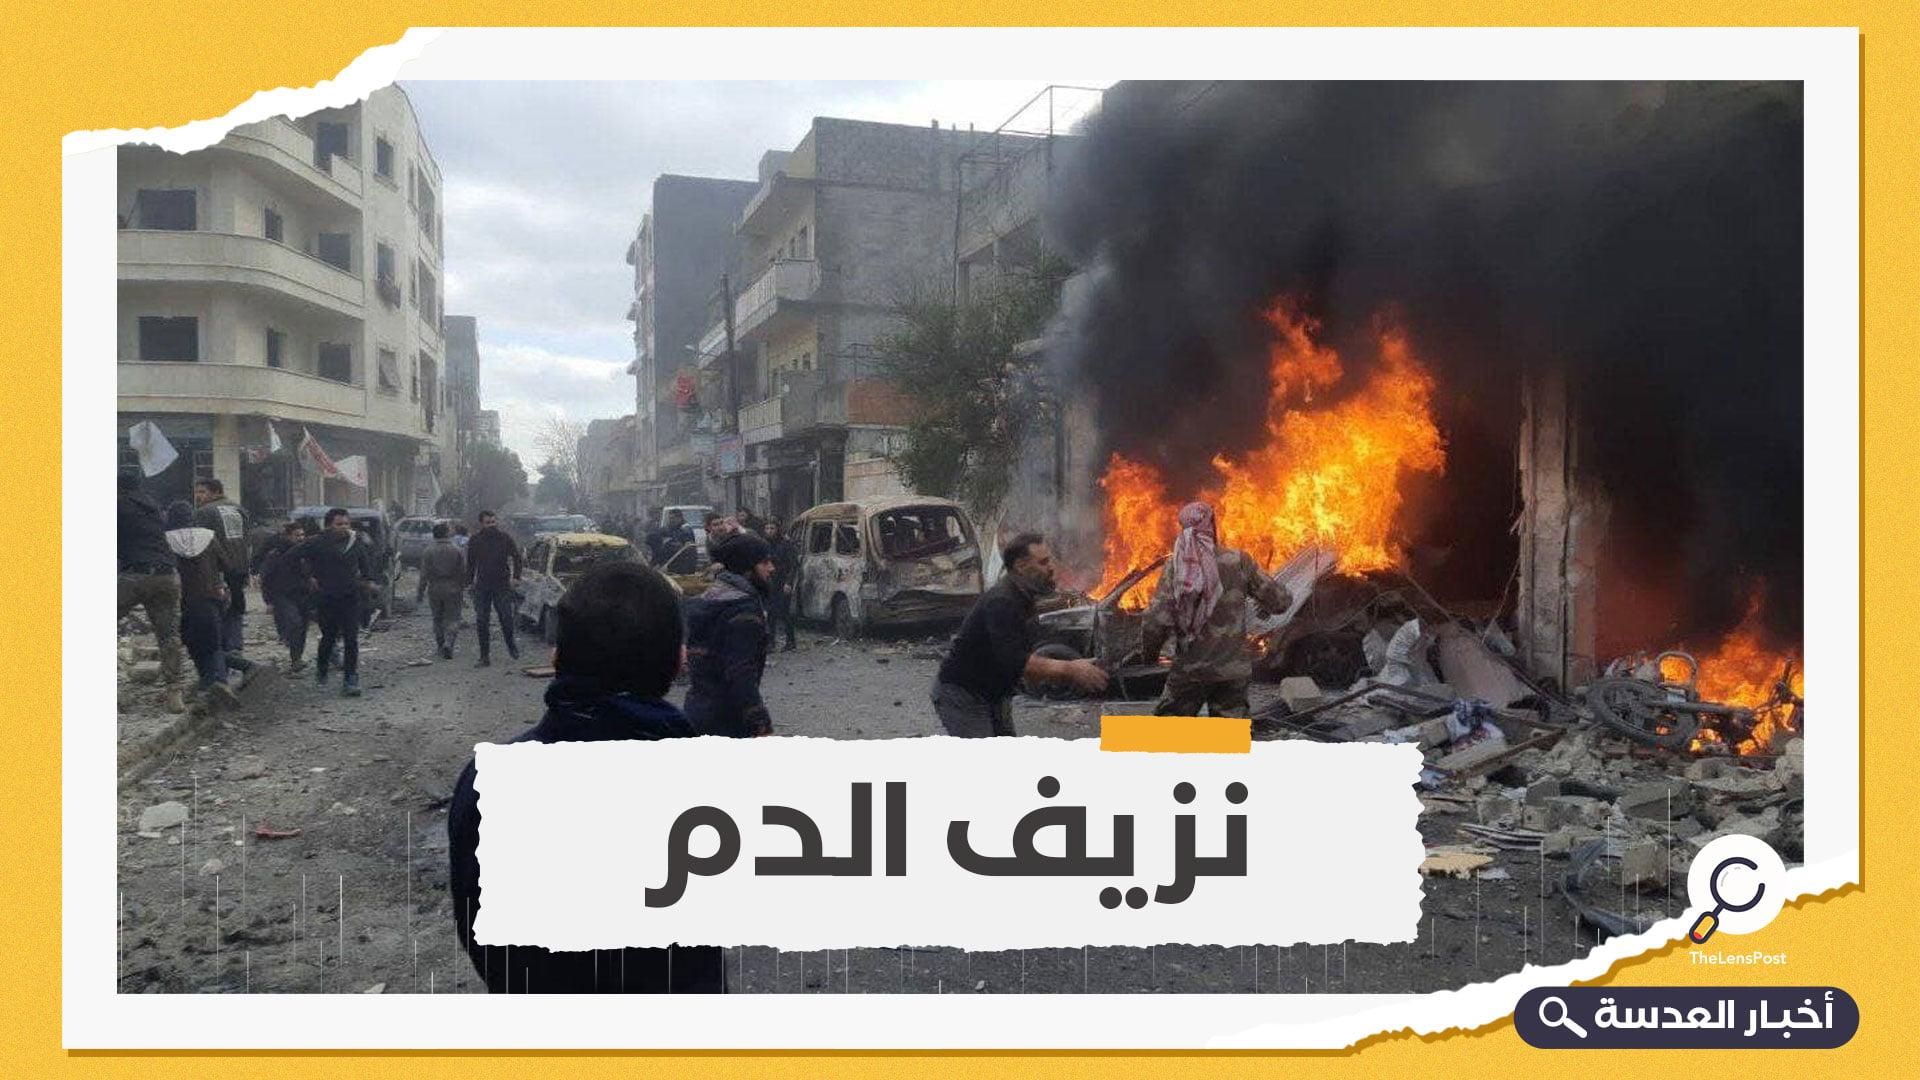 """انفجاران في حلب، وتركيا تتهم تنظيم """"بي كا كا"""""""